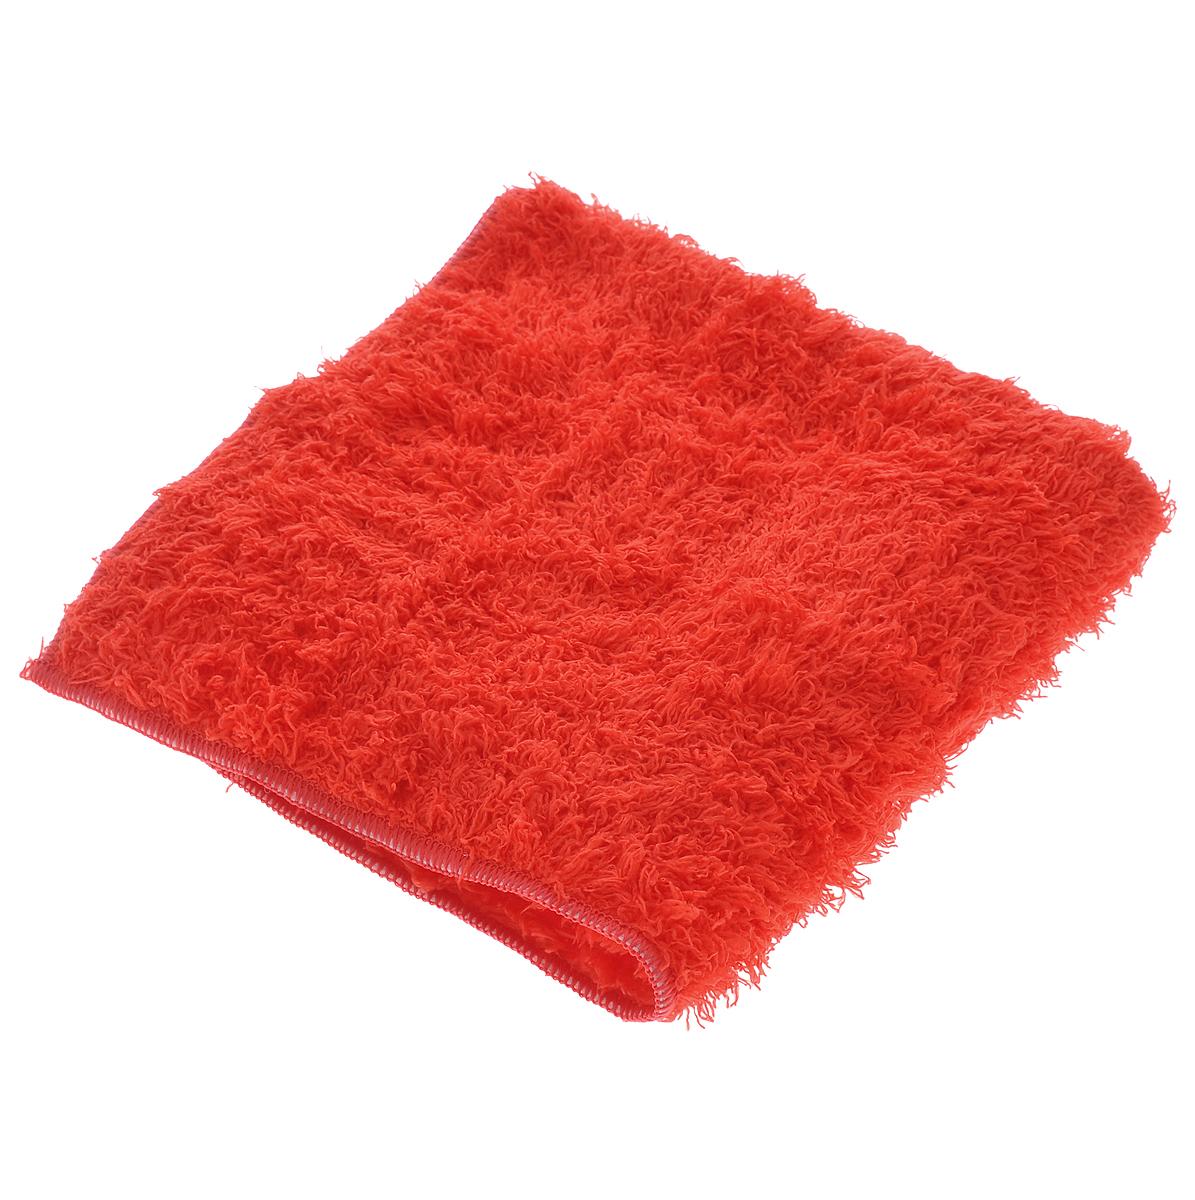 Салфетка чистящая Sapfire, для мытья и полировки автомобиля, цвет: красный, 40 см х 40 смSFM-3022_красныйБлагодаря своей уникальной ворсовой структуре, салфетка Sapfire прекрасно подходит для мытья и полировки автомобиля.Материал салфетки (микрофибра) обладает уникальной способностью быстро впитывать большой объем жидкости. Клиновидные микроскопические волокна захватывают и легко удерживают частички пыли, жировой и никотиновый налет, микроорганизмы, в том числе болезнетворные и вызывающие аллергию. Салфетка великолепно удаляет пыль и грязь. Протертая поверхность становится идеально чистой, сухой, блестящей, без разводов и ворсинок.Размер салфетки: 40 см х 40 см.